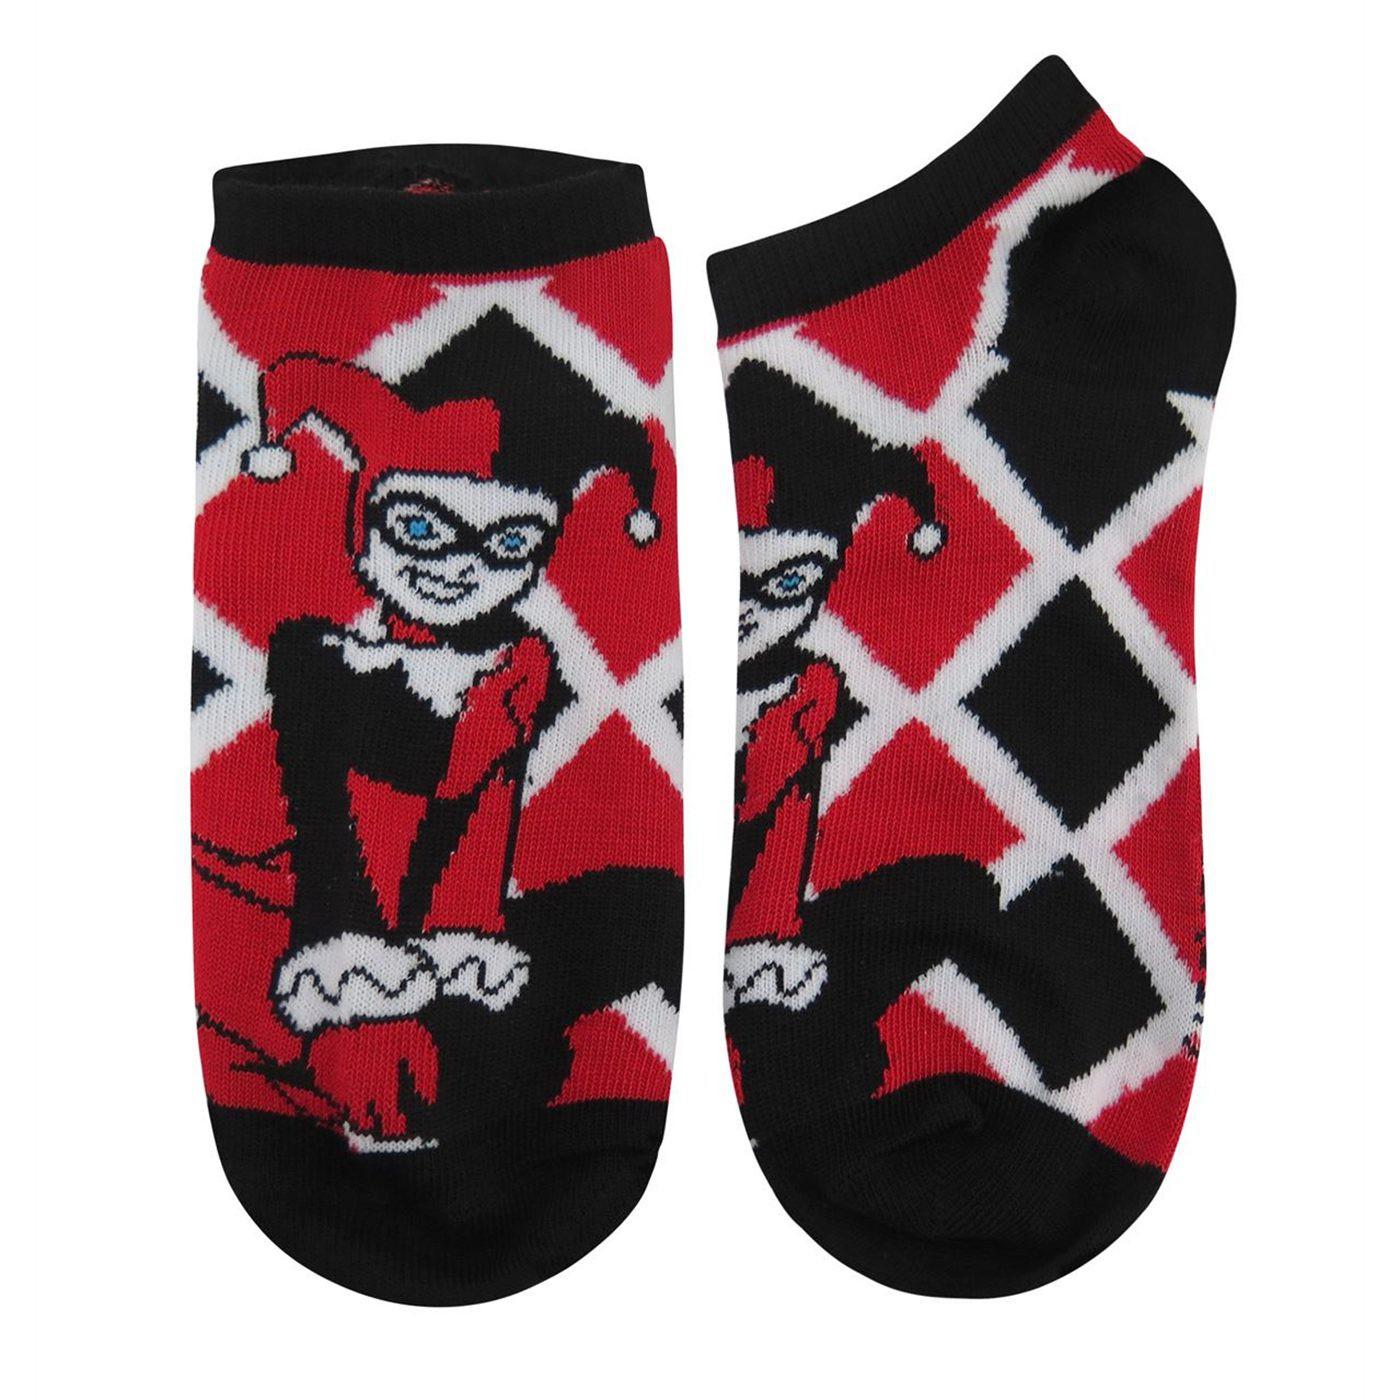 Harley Quinn Animated Women's Ankle Socks 3-Pack